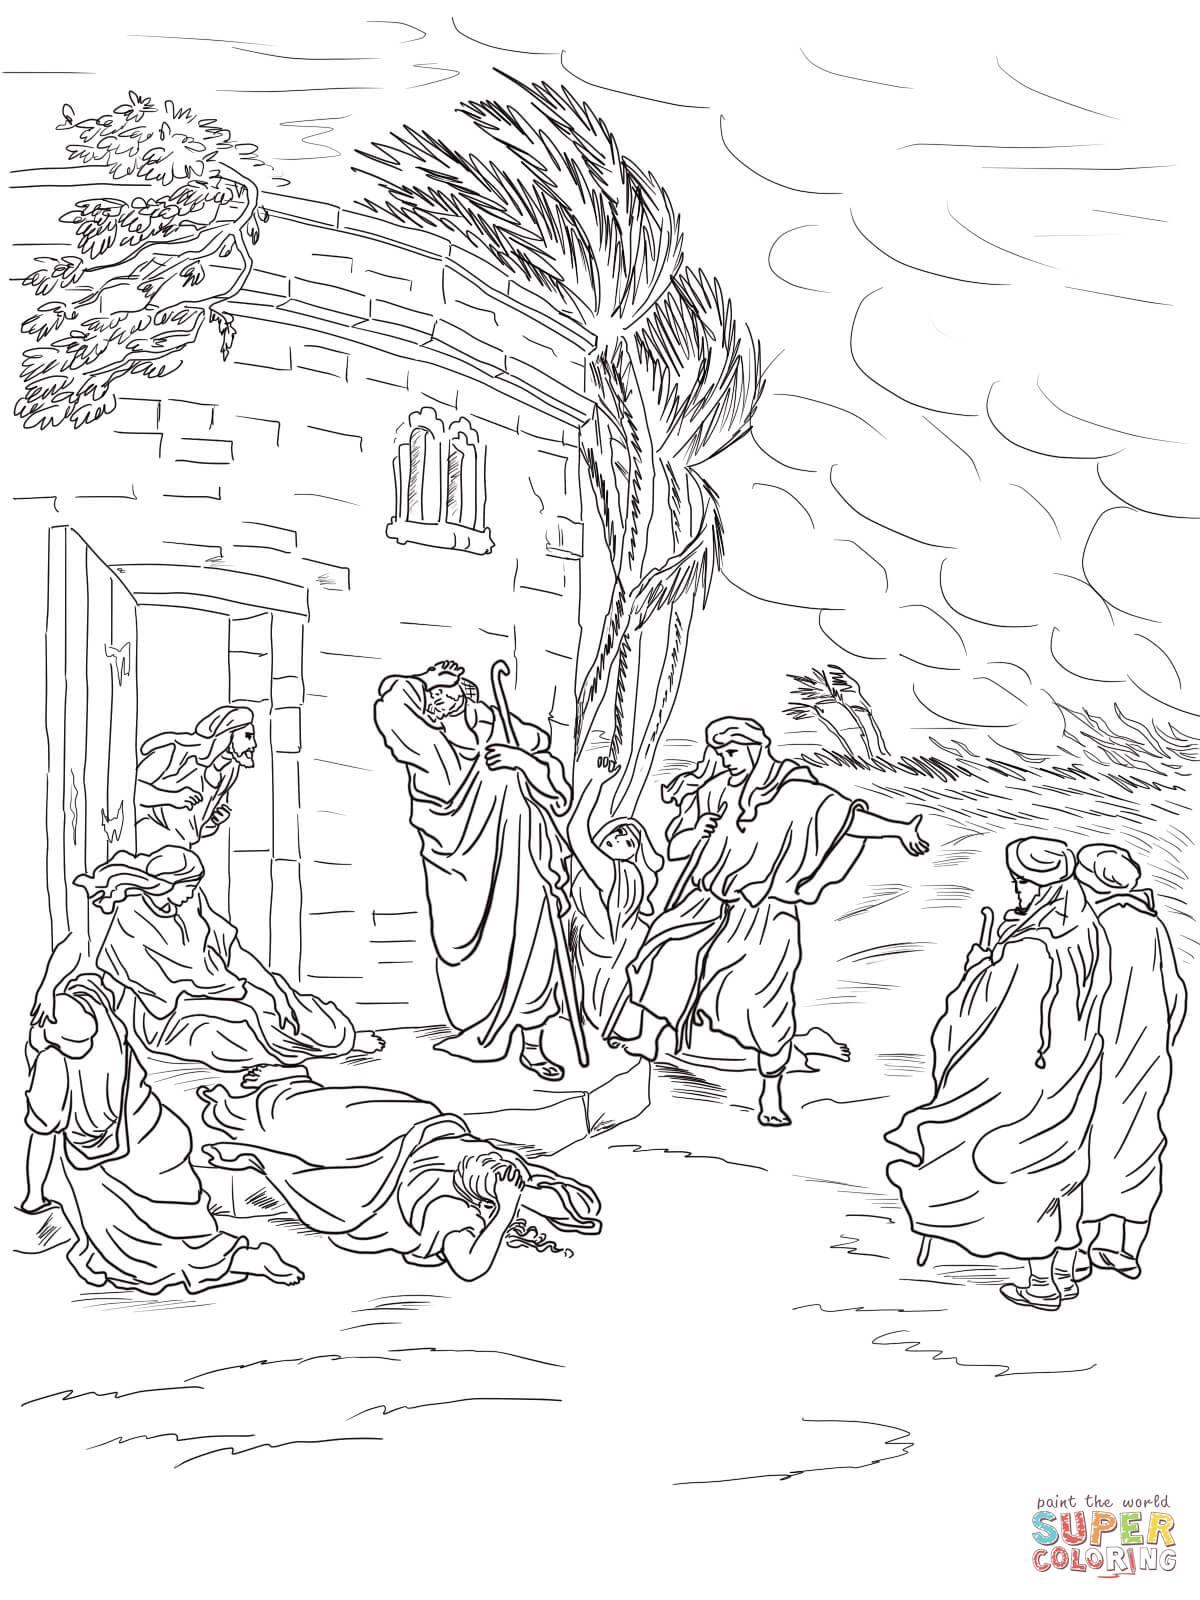 Dibujo de Job oye acerca de su ruina para colorear